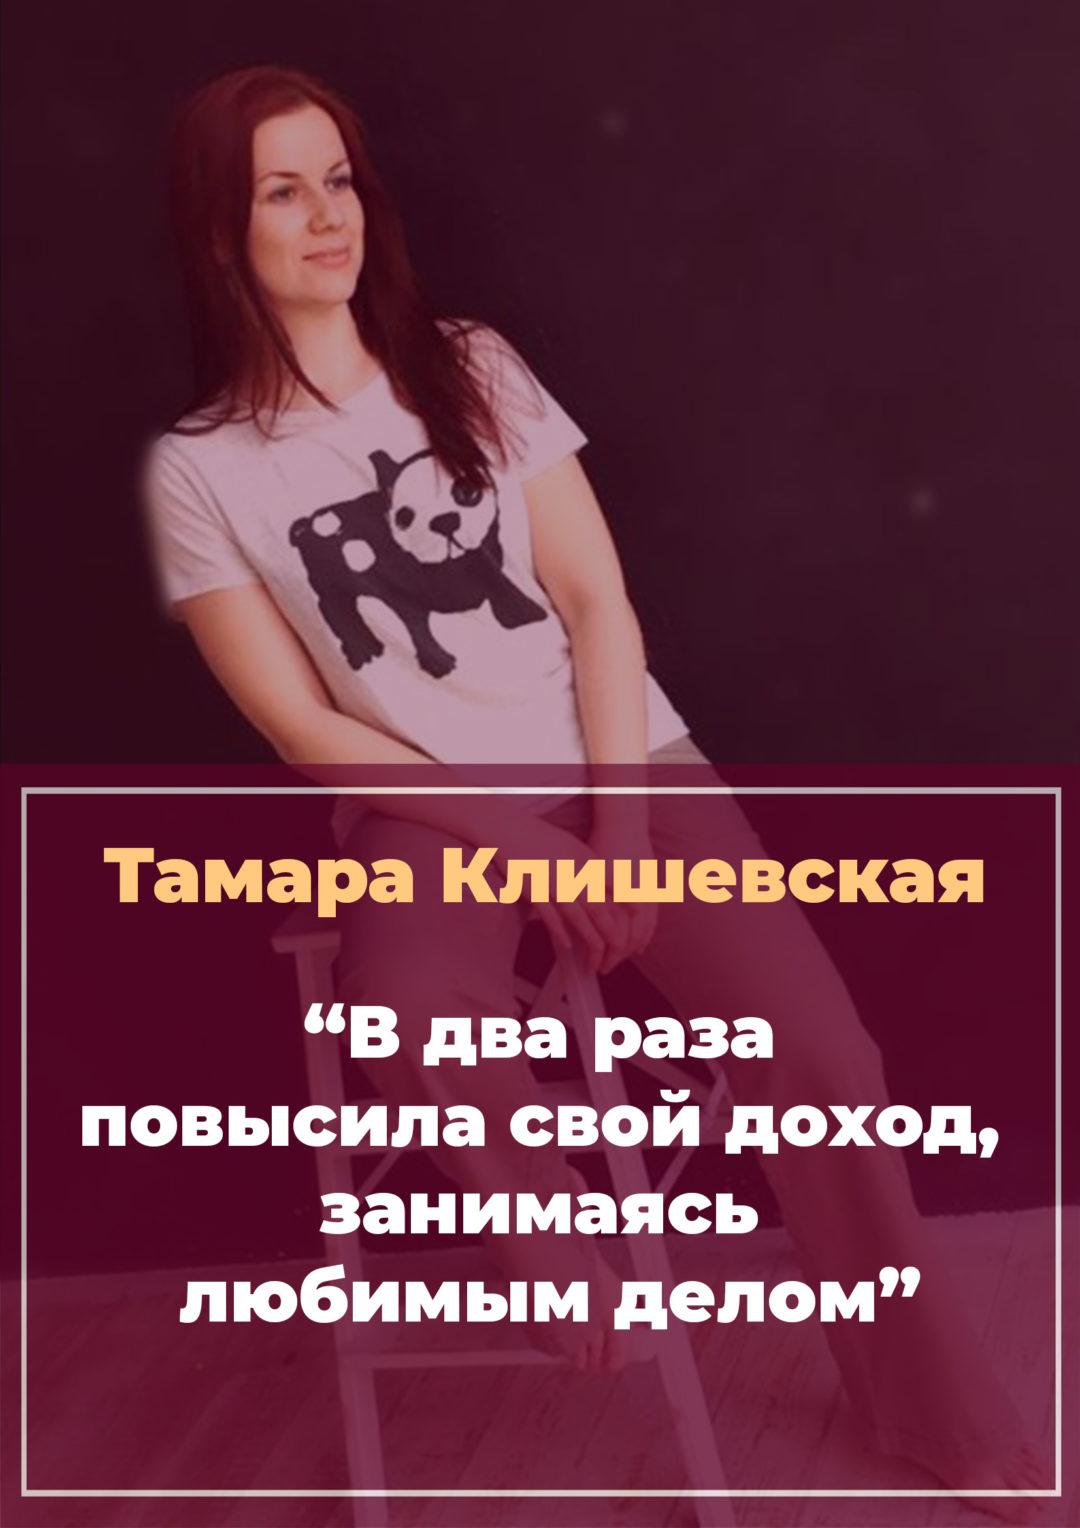 История Тамары Клишевской